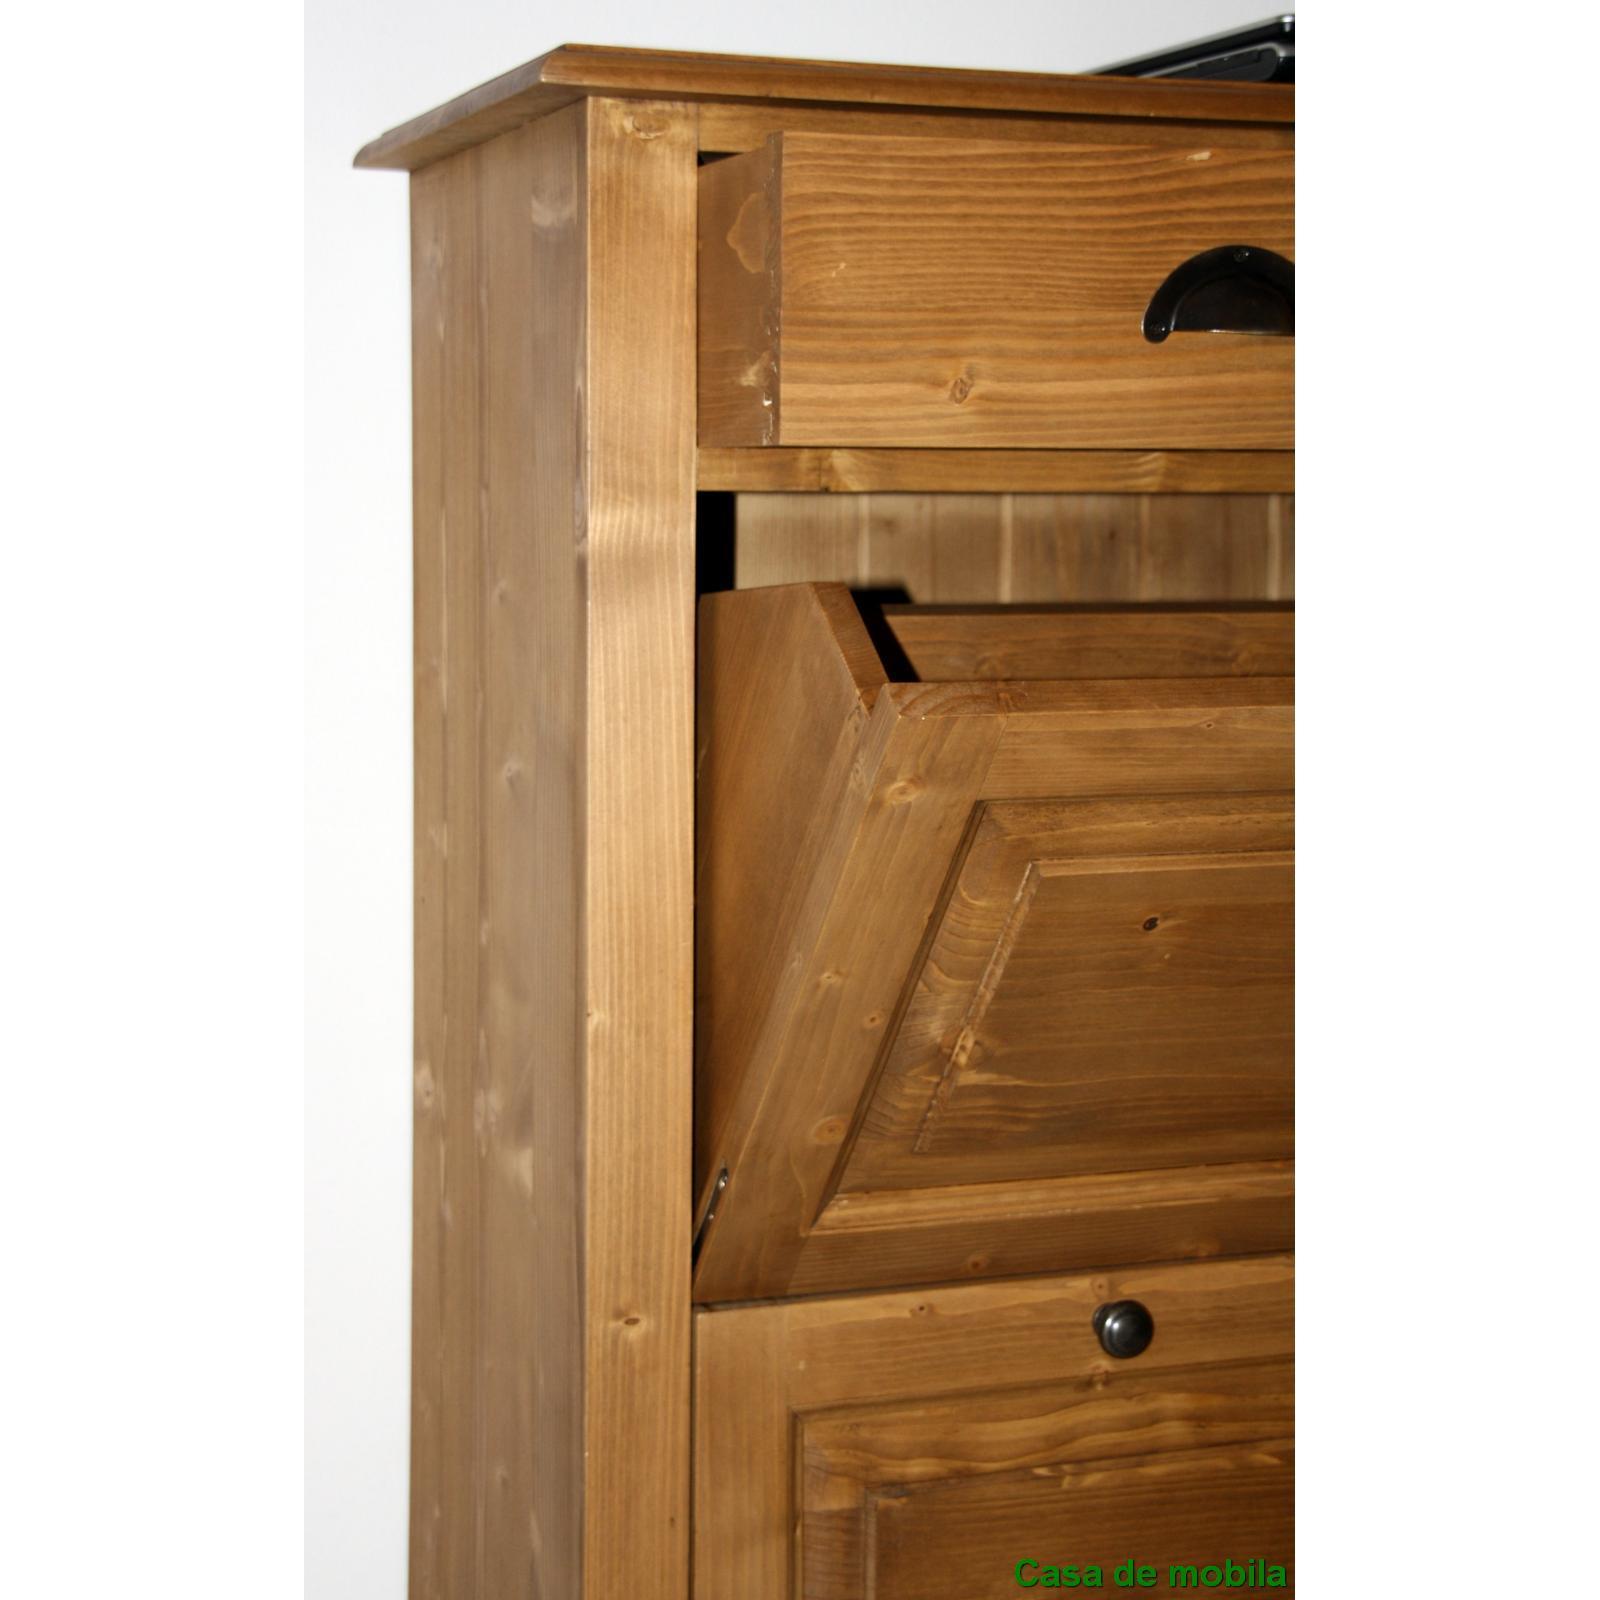 massivholz schuhschrank schuhkipper holz fichte massiv antik dunkel schuhkommode ebay. Black Bedroom Furniture Sets. Home Design Ideas